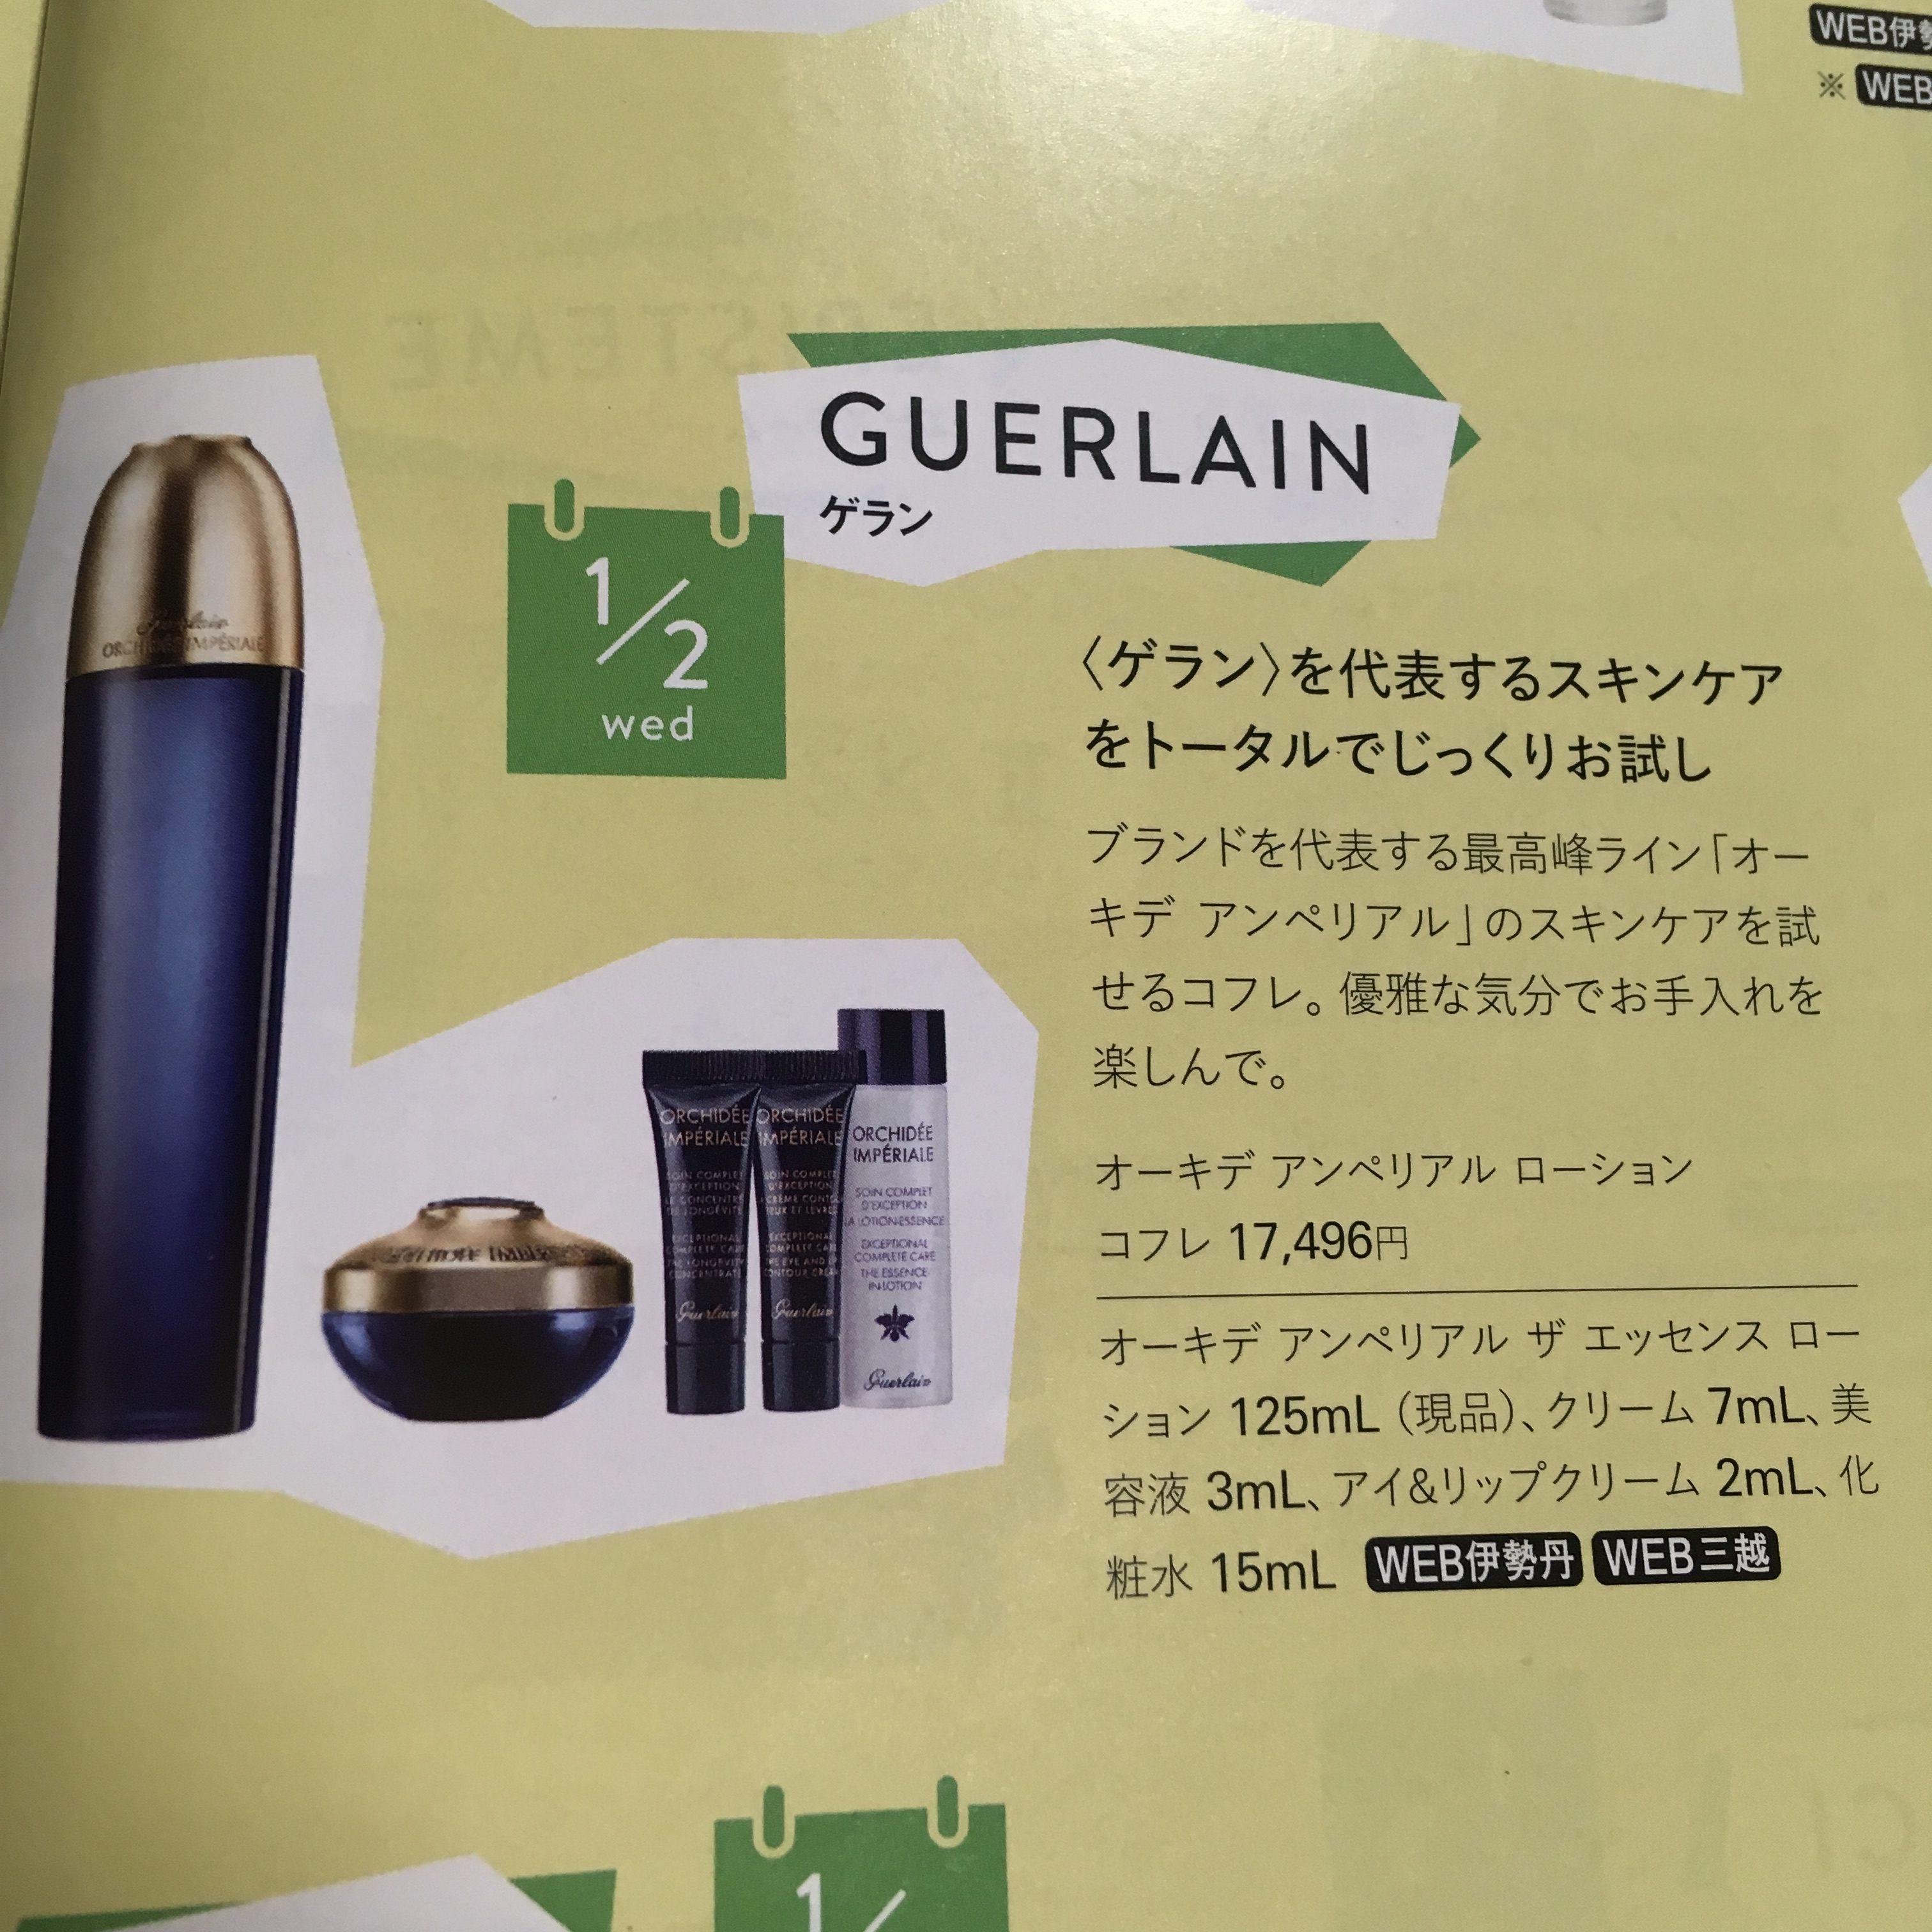 ゲラン GUERLAIN オーキデアンペリアル ローションコフレ 伊勢丹 三越 2019 化粧水